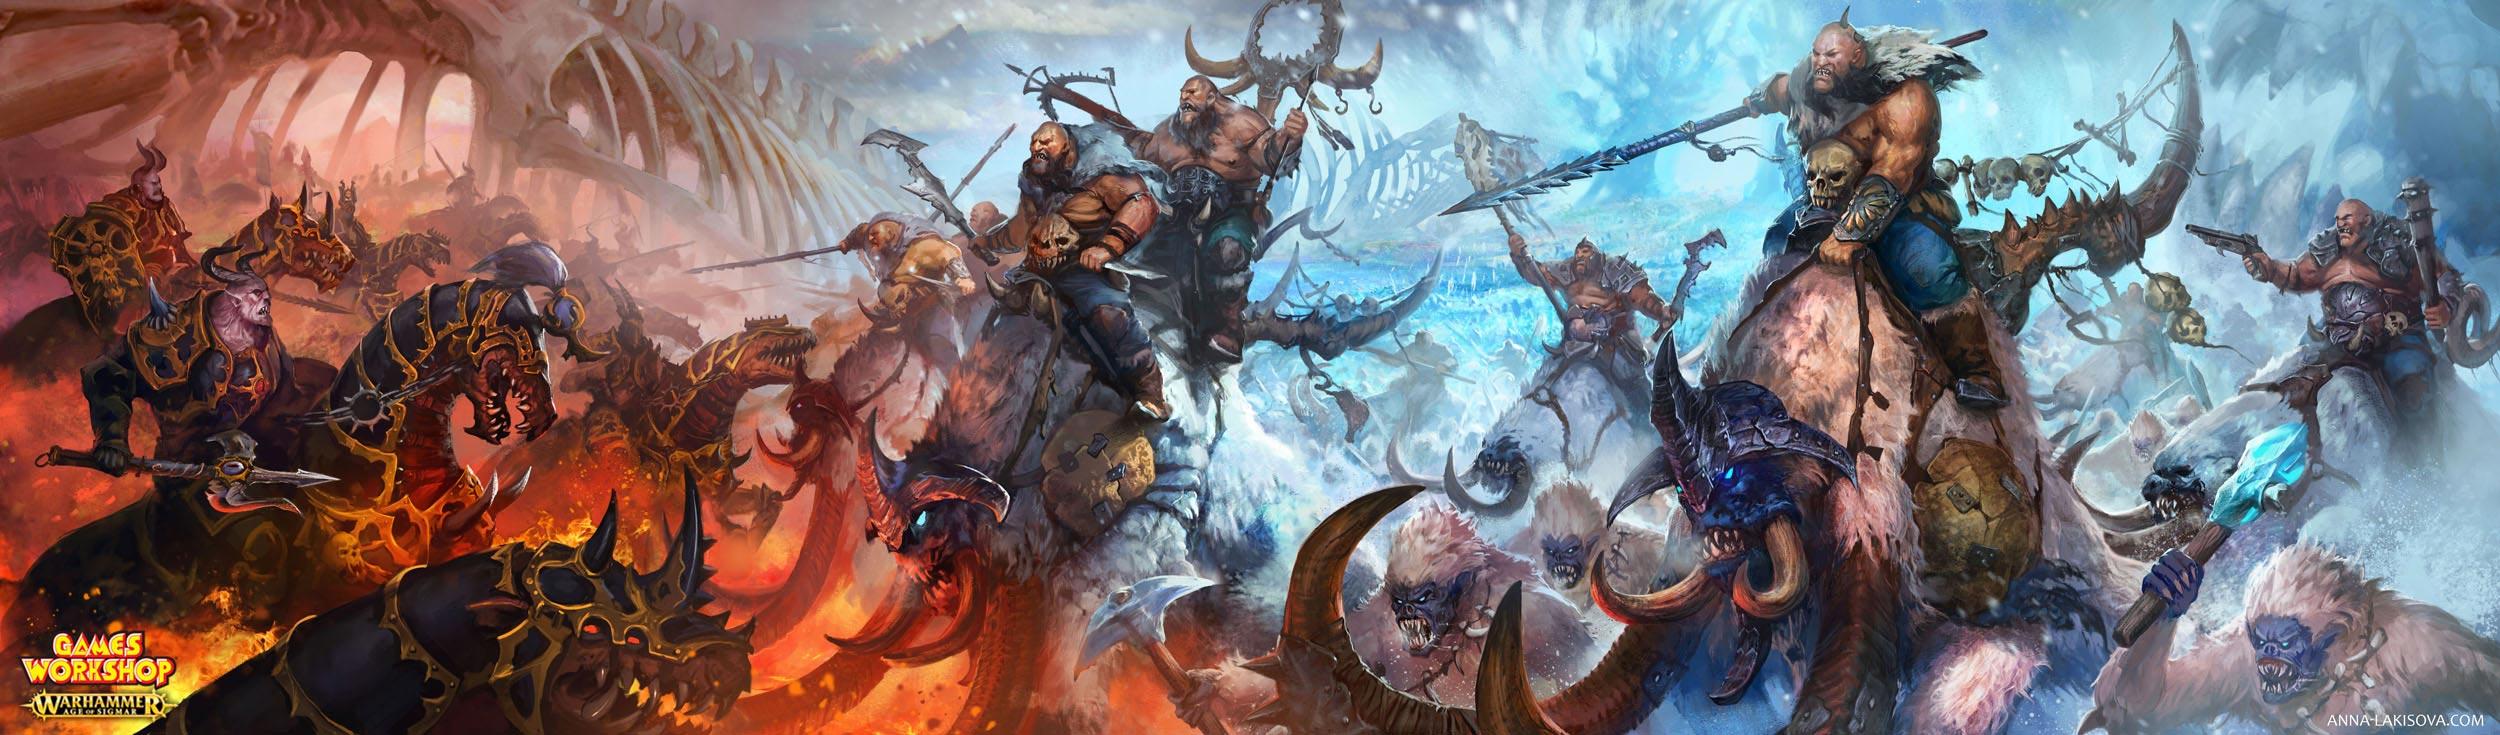 Alfrosten Varenguard Warhammer